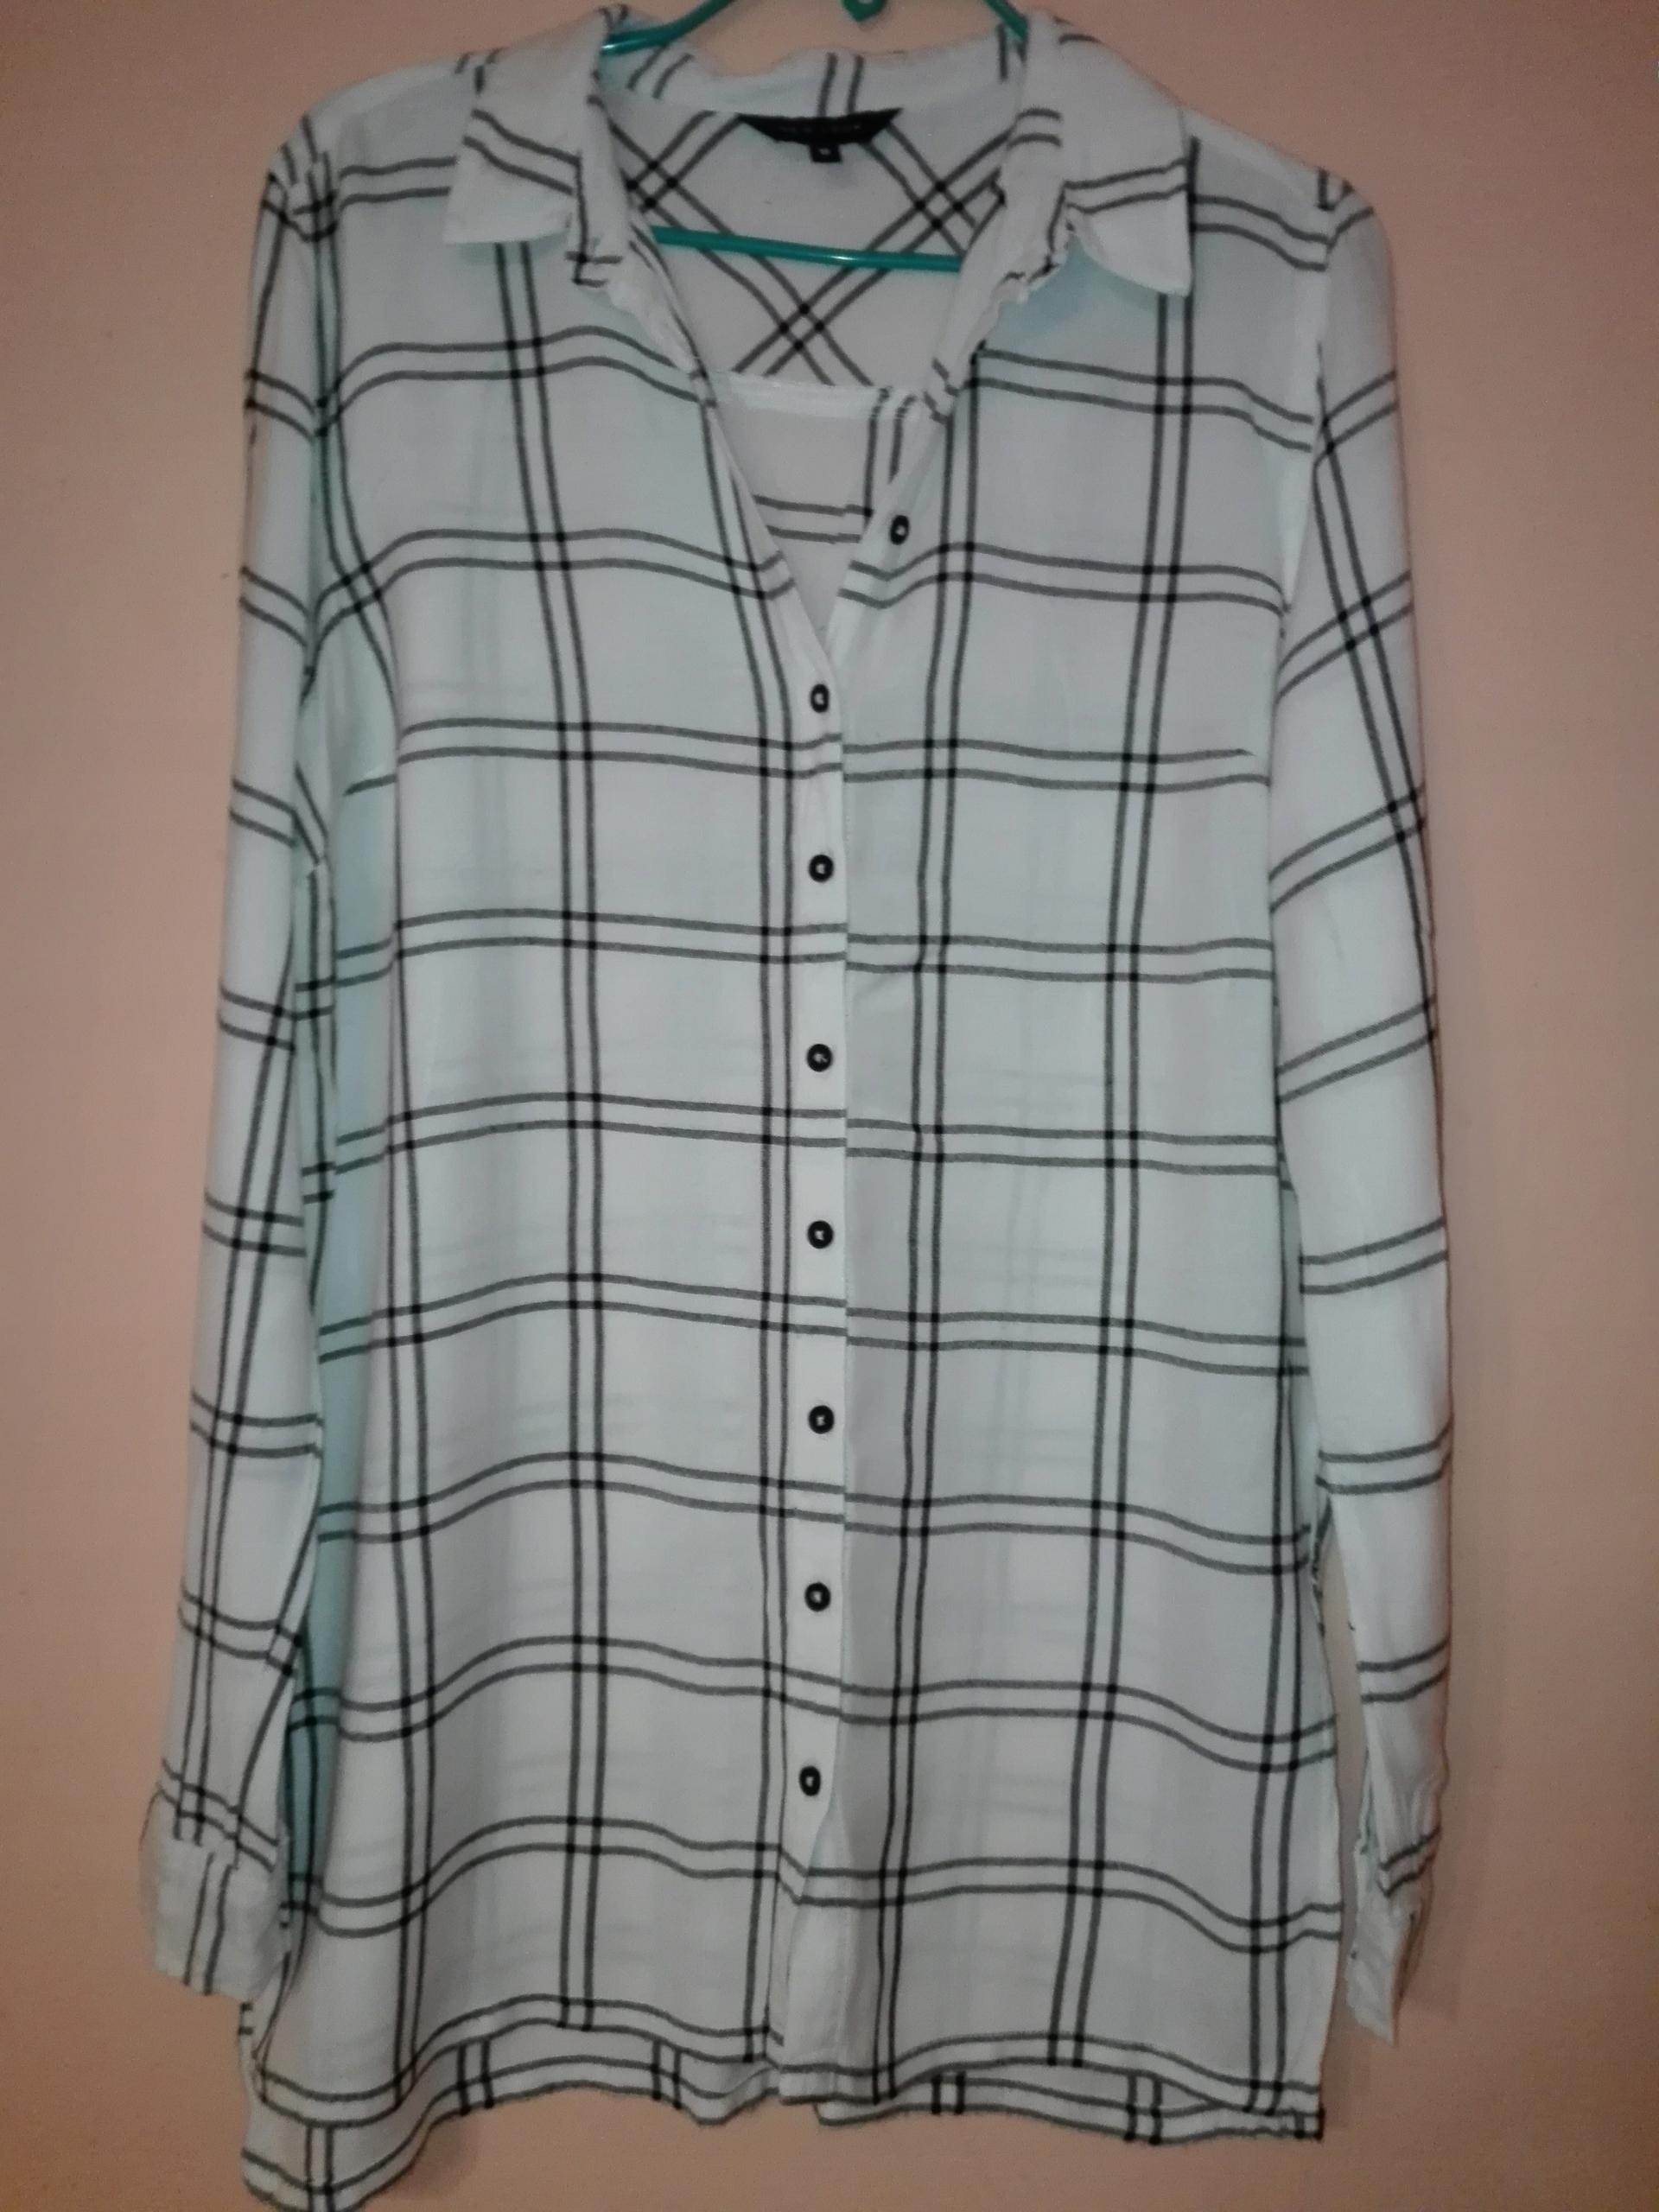 761e2d65a Dłuższa,lużna koszula w kratę NEW LOOK r 38 - 7711526851 - oficjalne ...